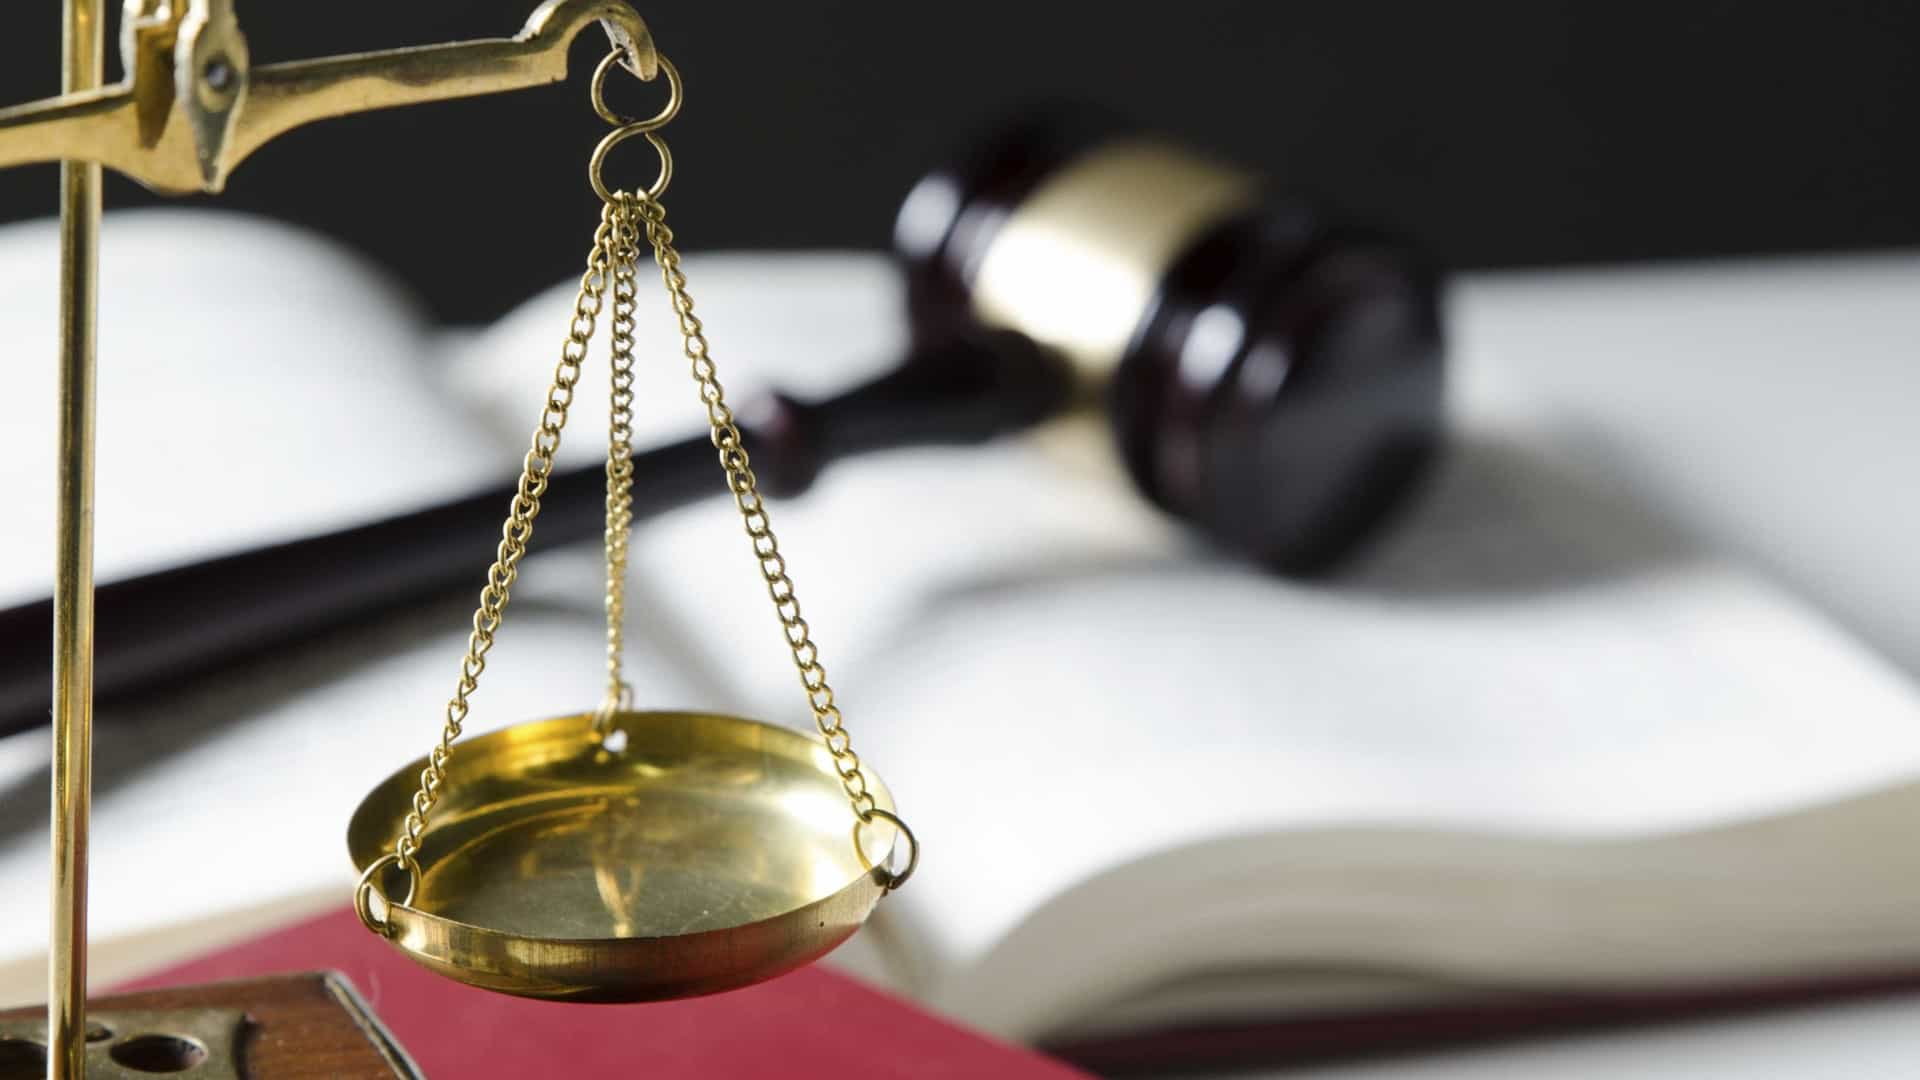 Presidente da Câmara de Estremoz acusado de peculato de uso nega crimes